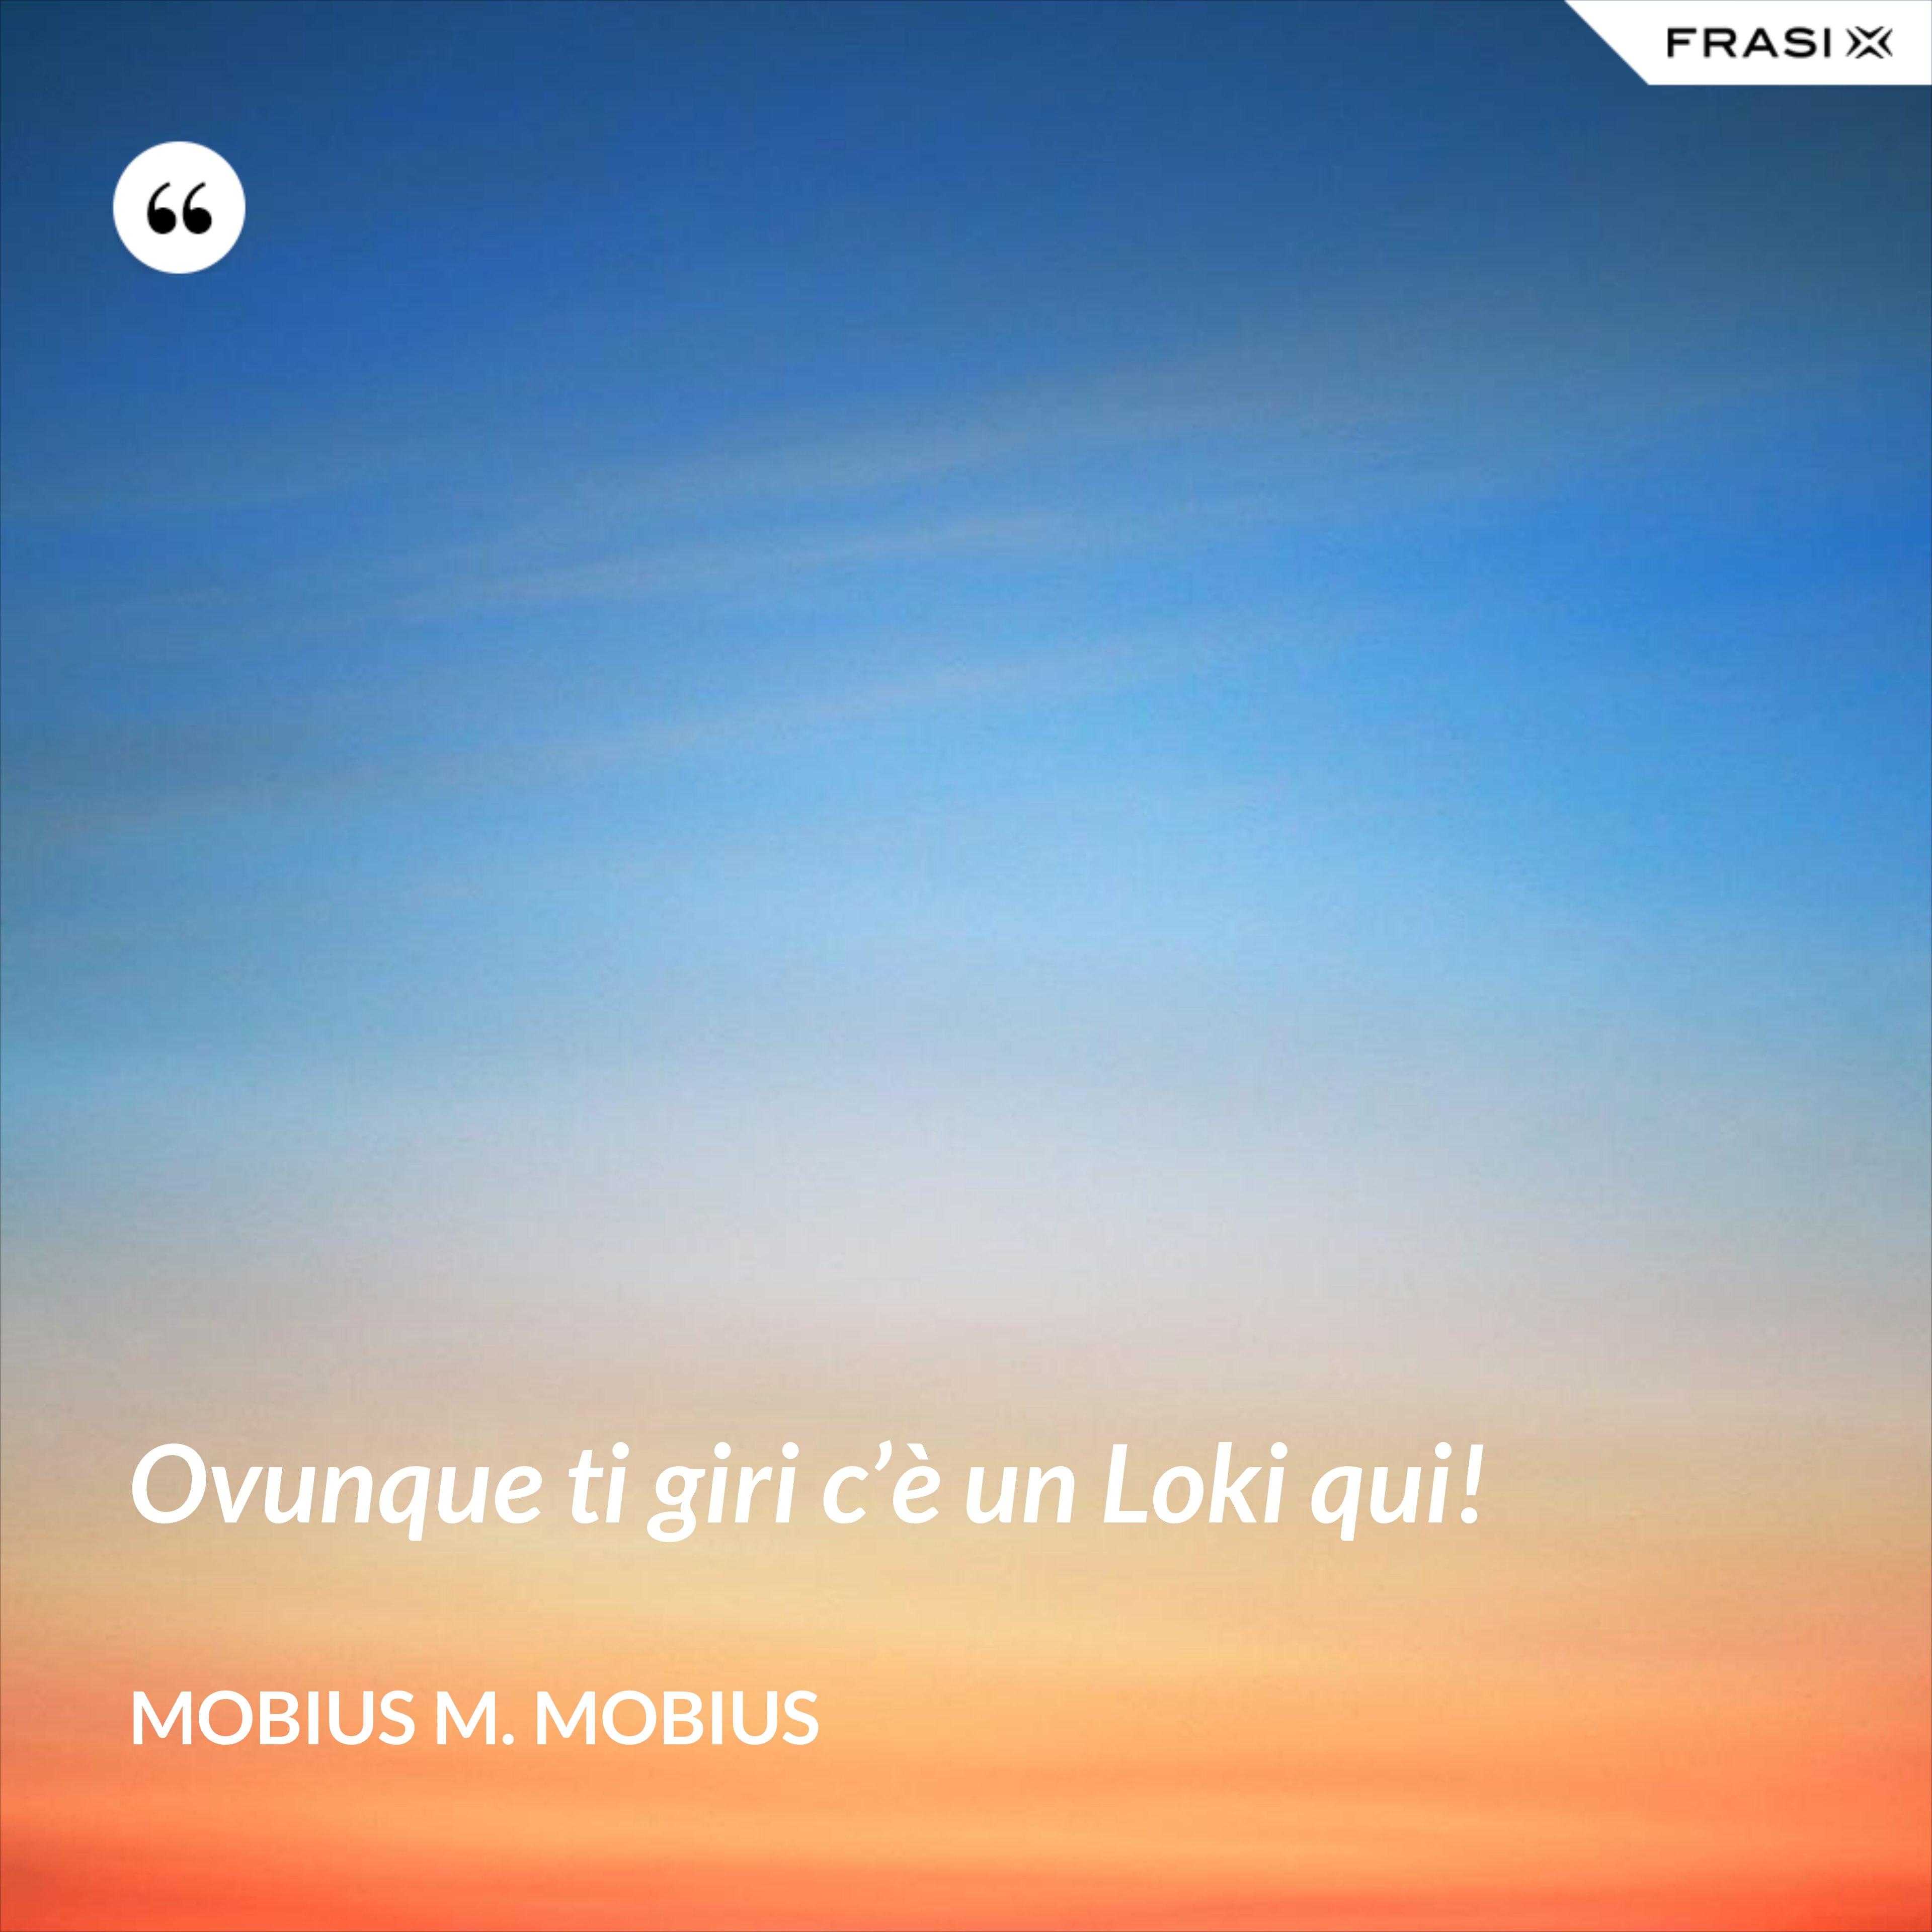 Ovunque ti giri c'è un Loki qui! - Mobius M. Mobius